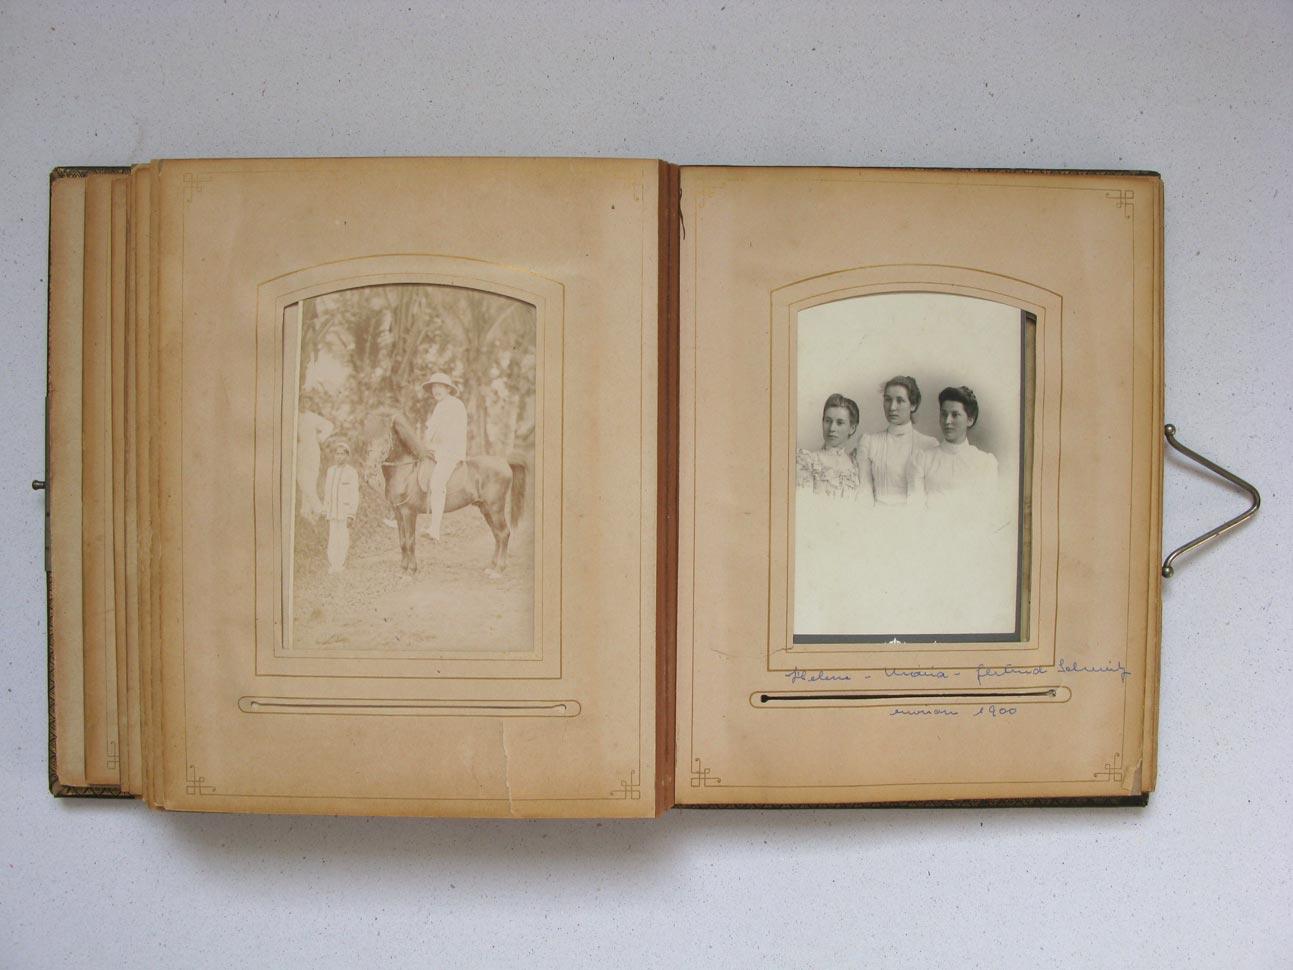 A droite / rechts: Helene, Maria, Gertrud Schmitz © Charles Bernhoeft, ca. 1900